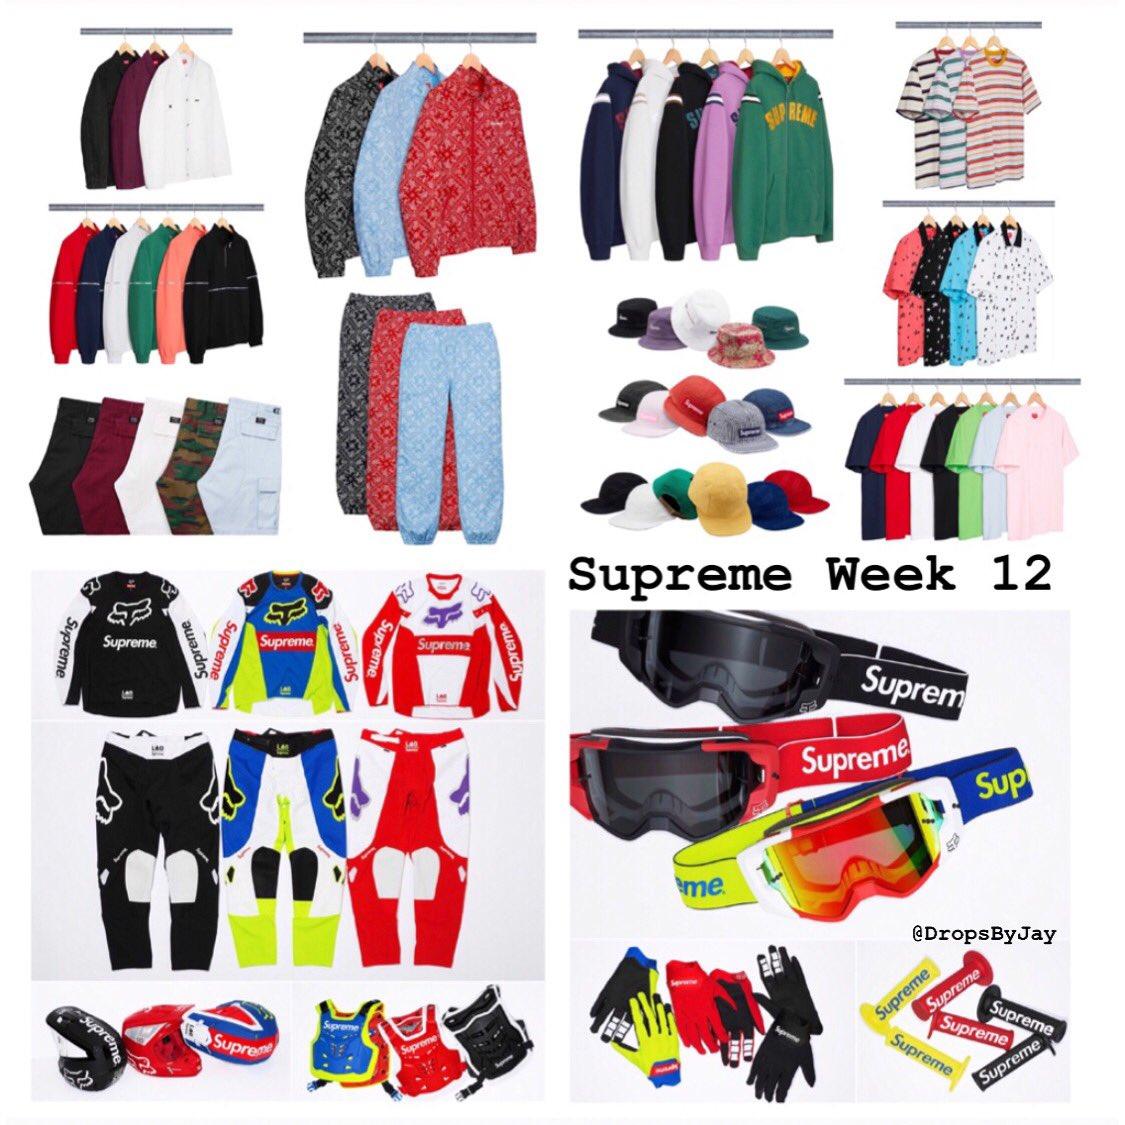 Supreme Week 12